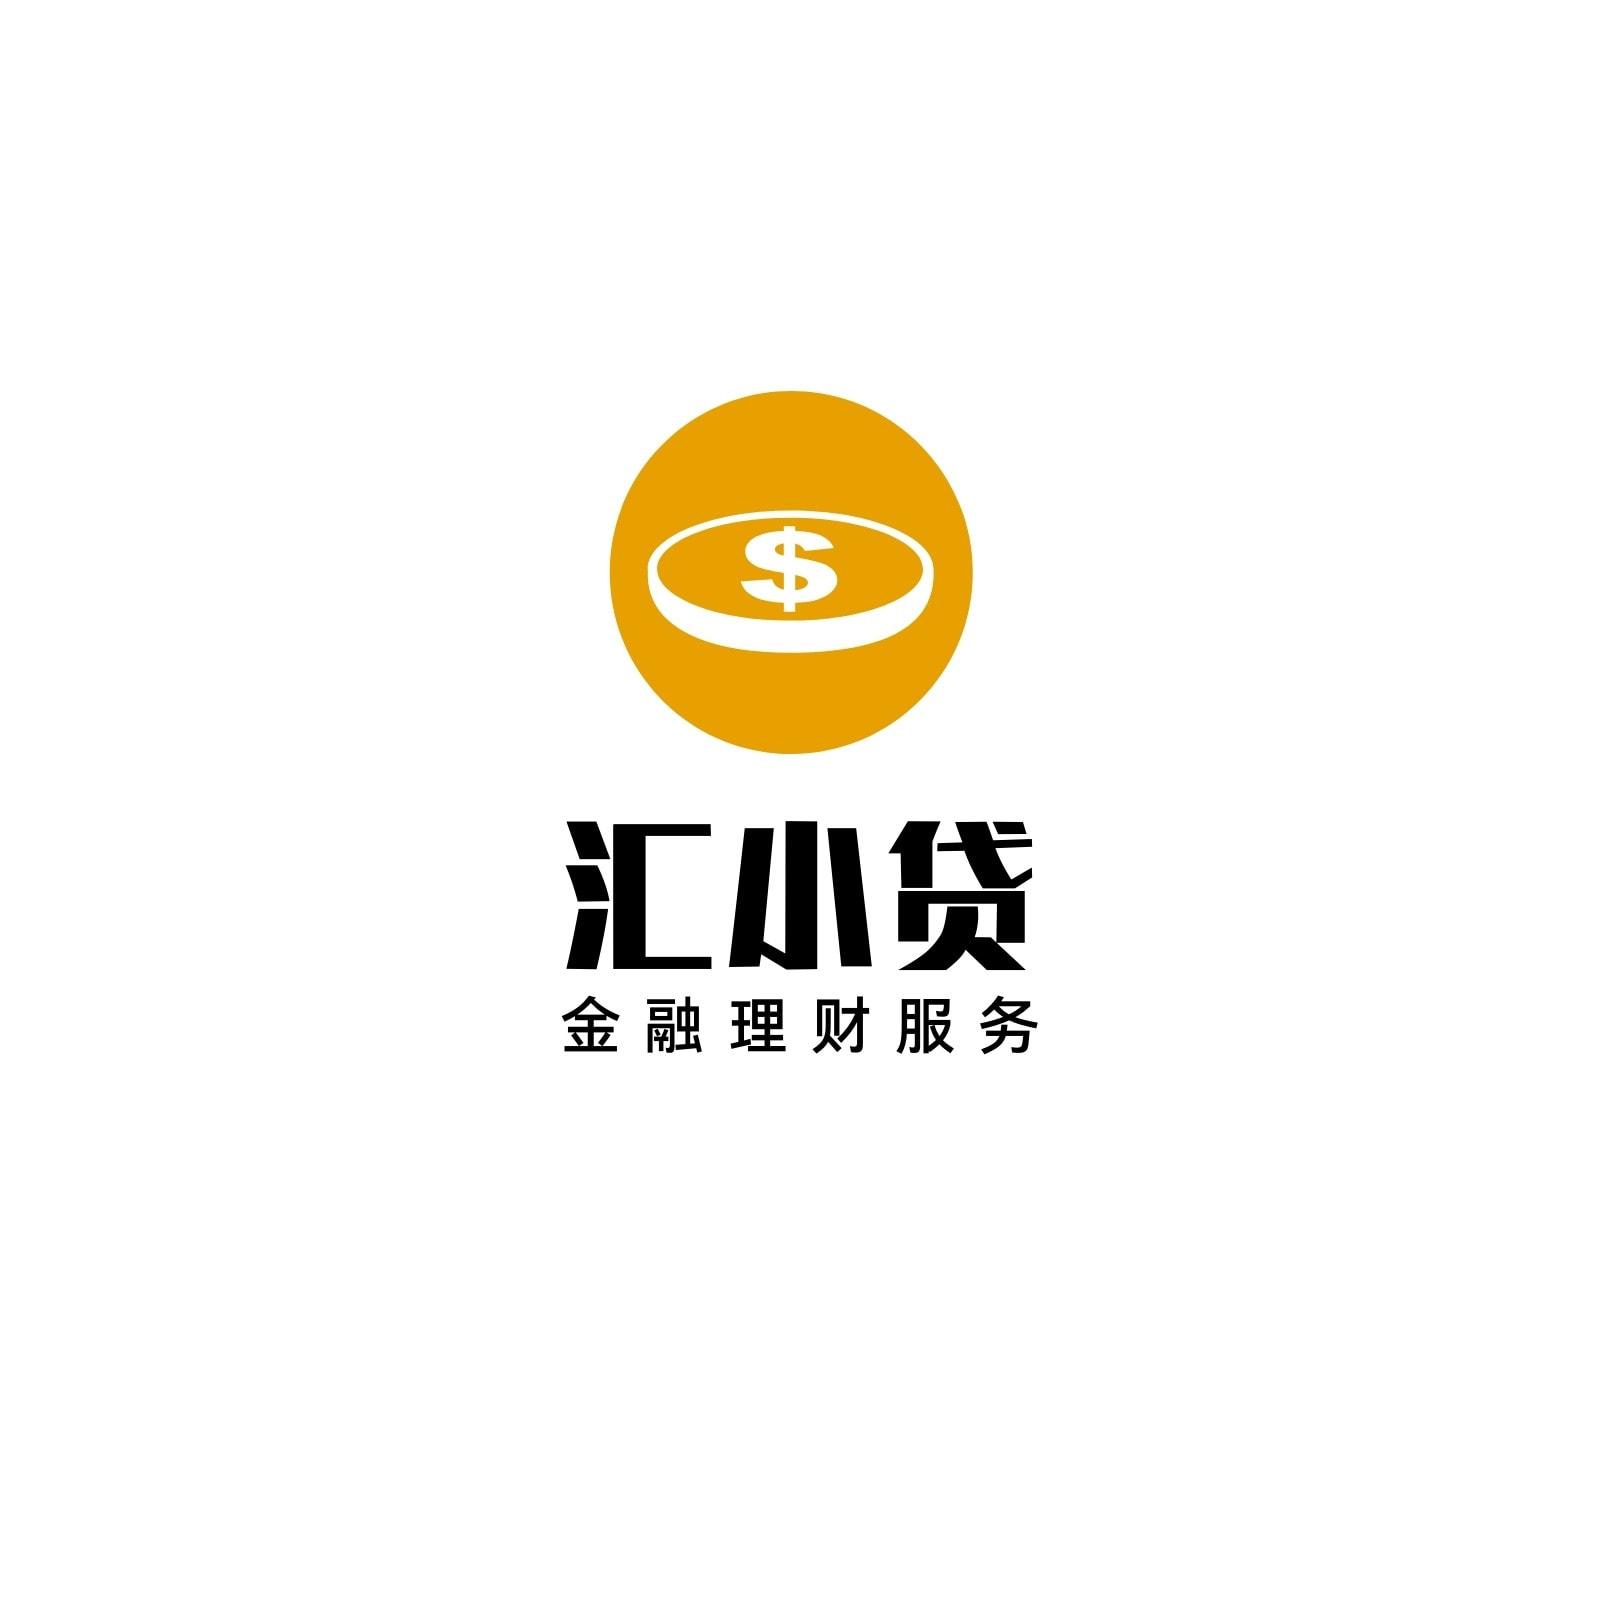 黄色圆形钱币投资公司logo创意金融中文logo